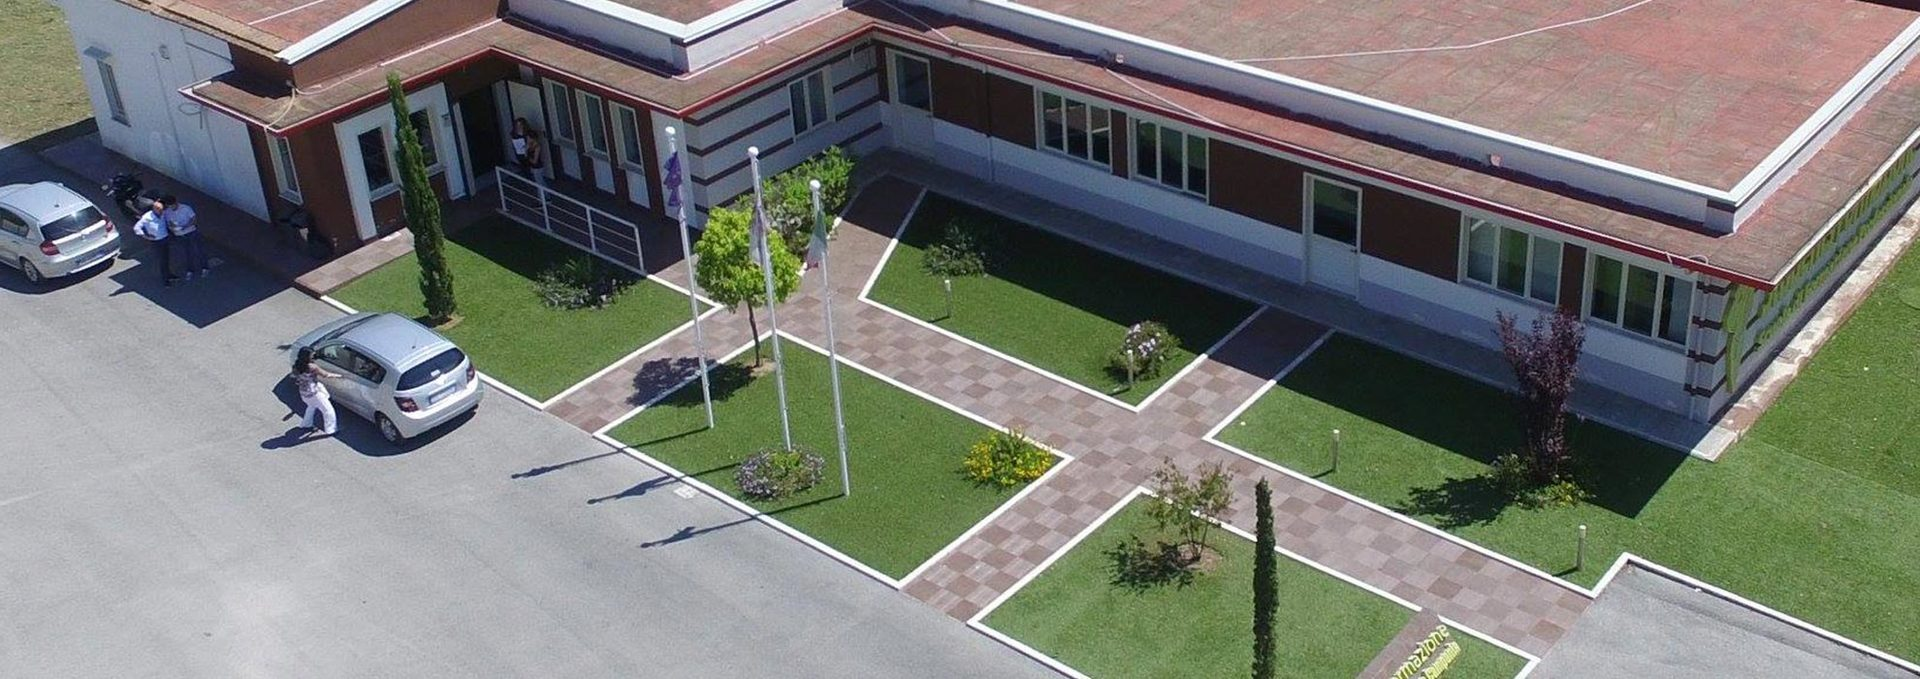 un edificio vista dall'alto con del prato attorno